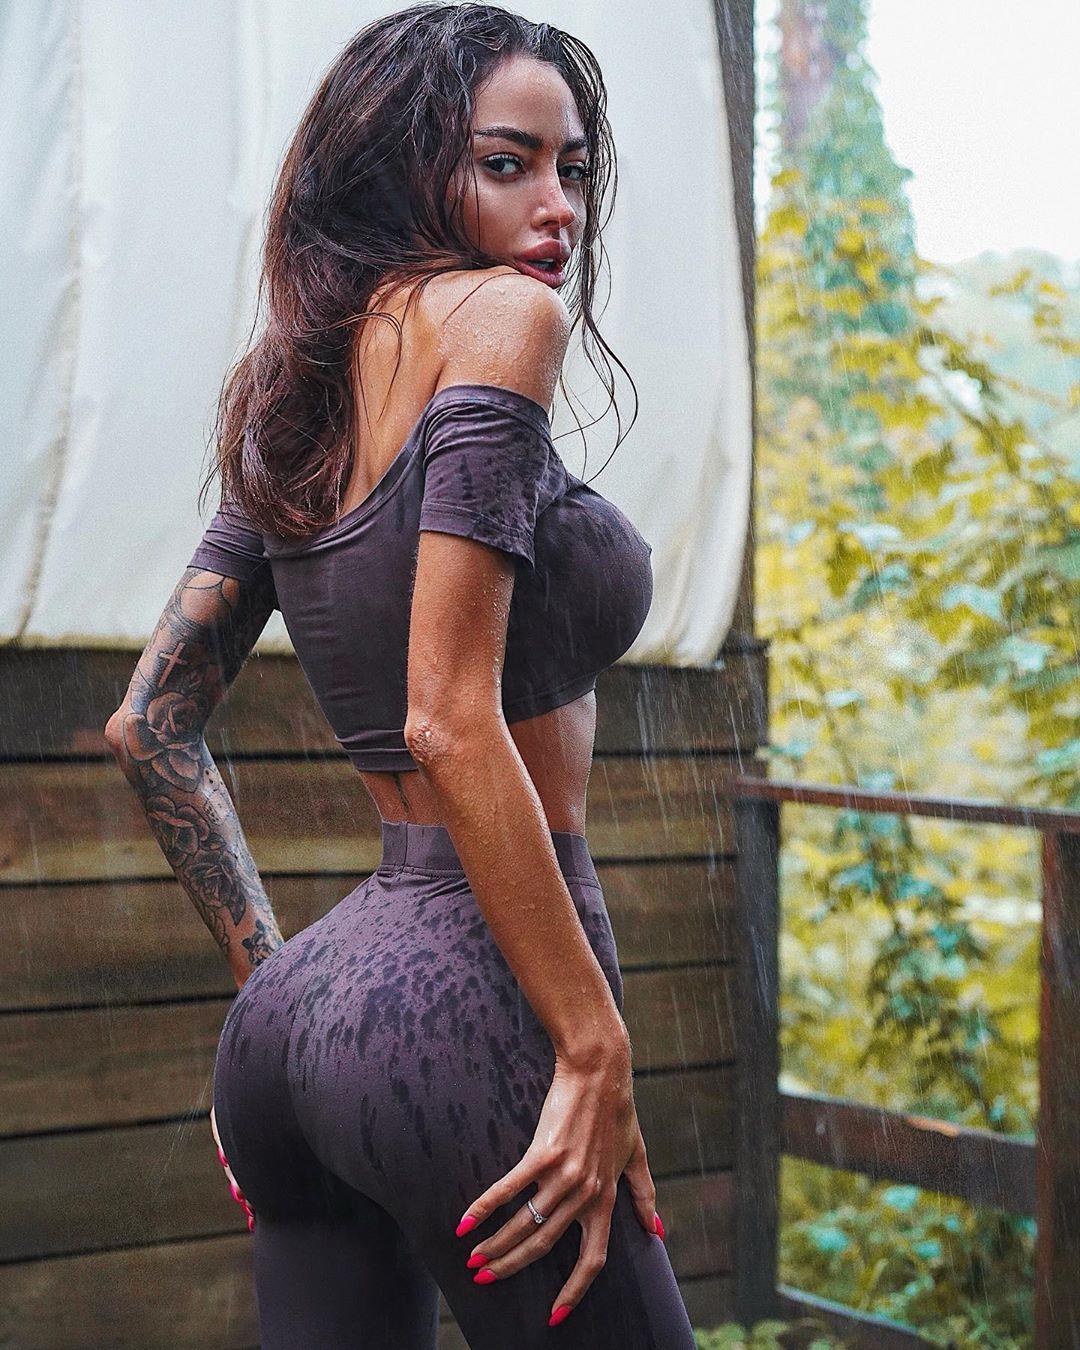 Alena-Omovych-Wallpapers-Insta-Fit-Bio-3